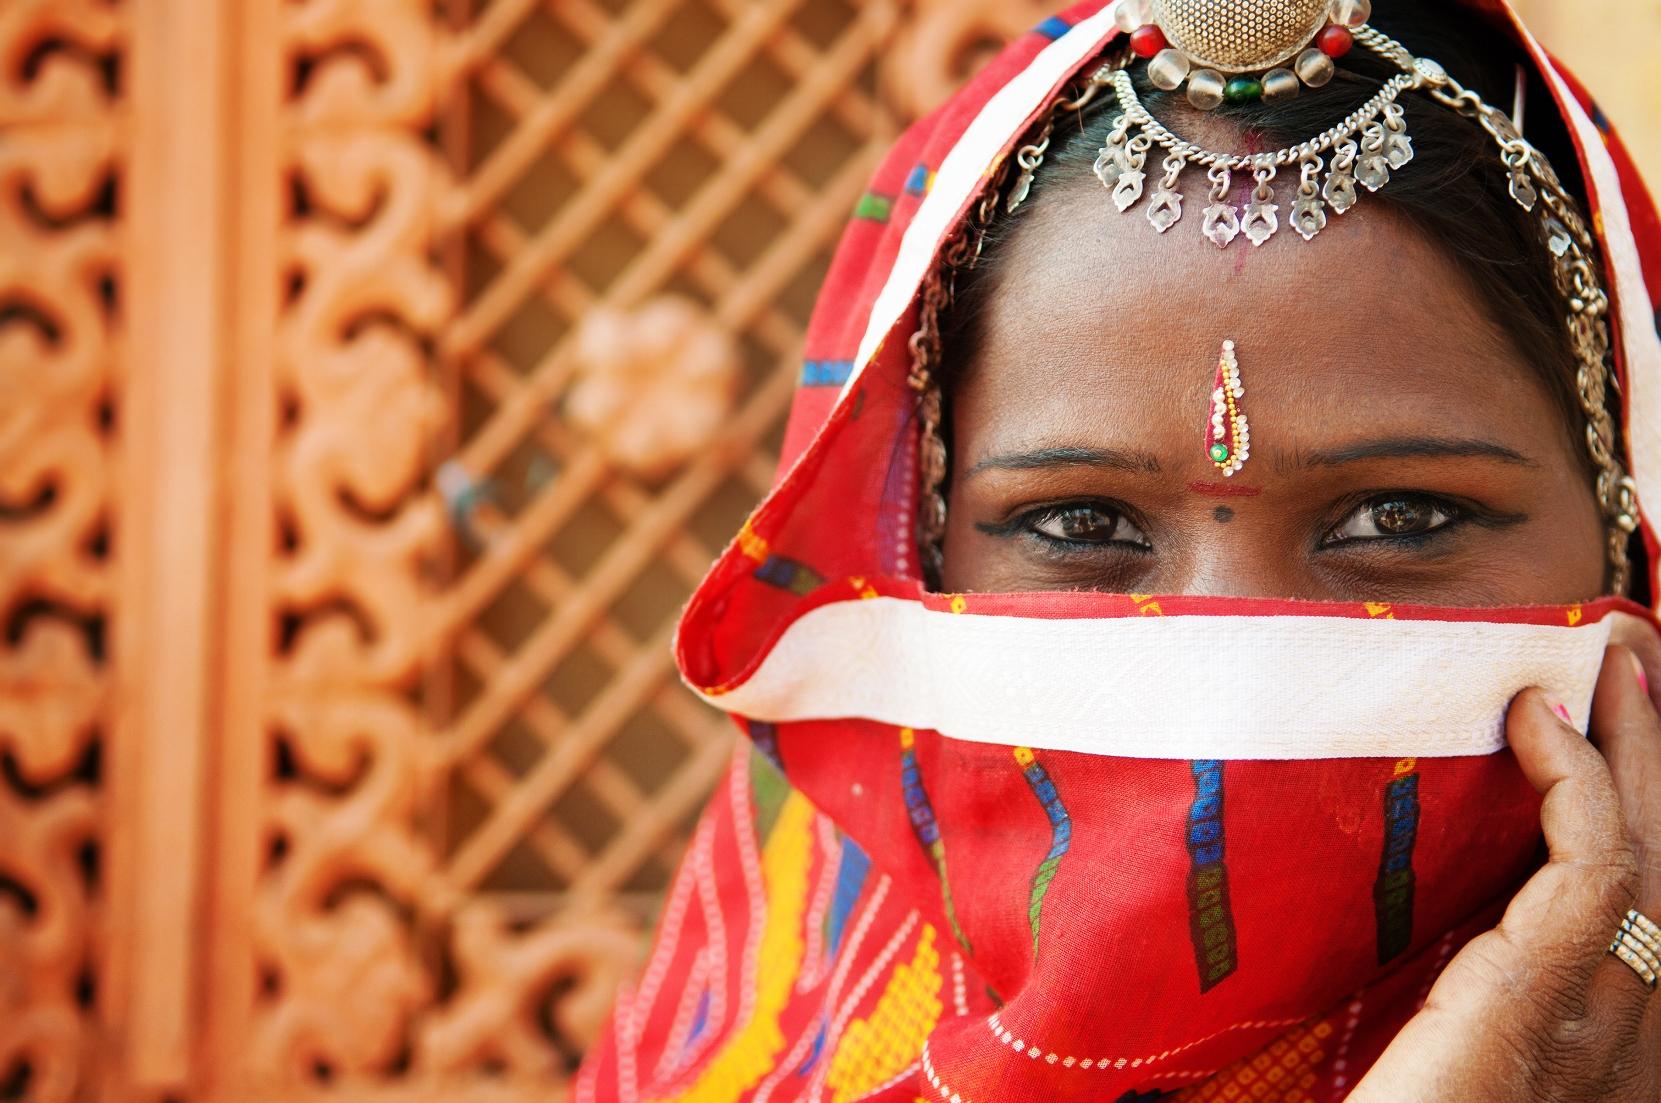 Woman In Sari Costume Web Ready